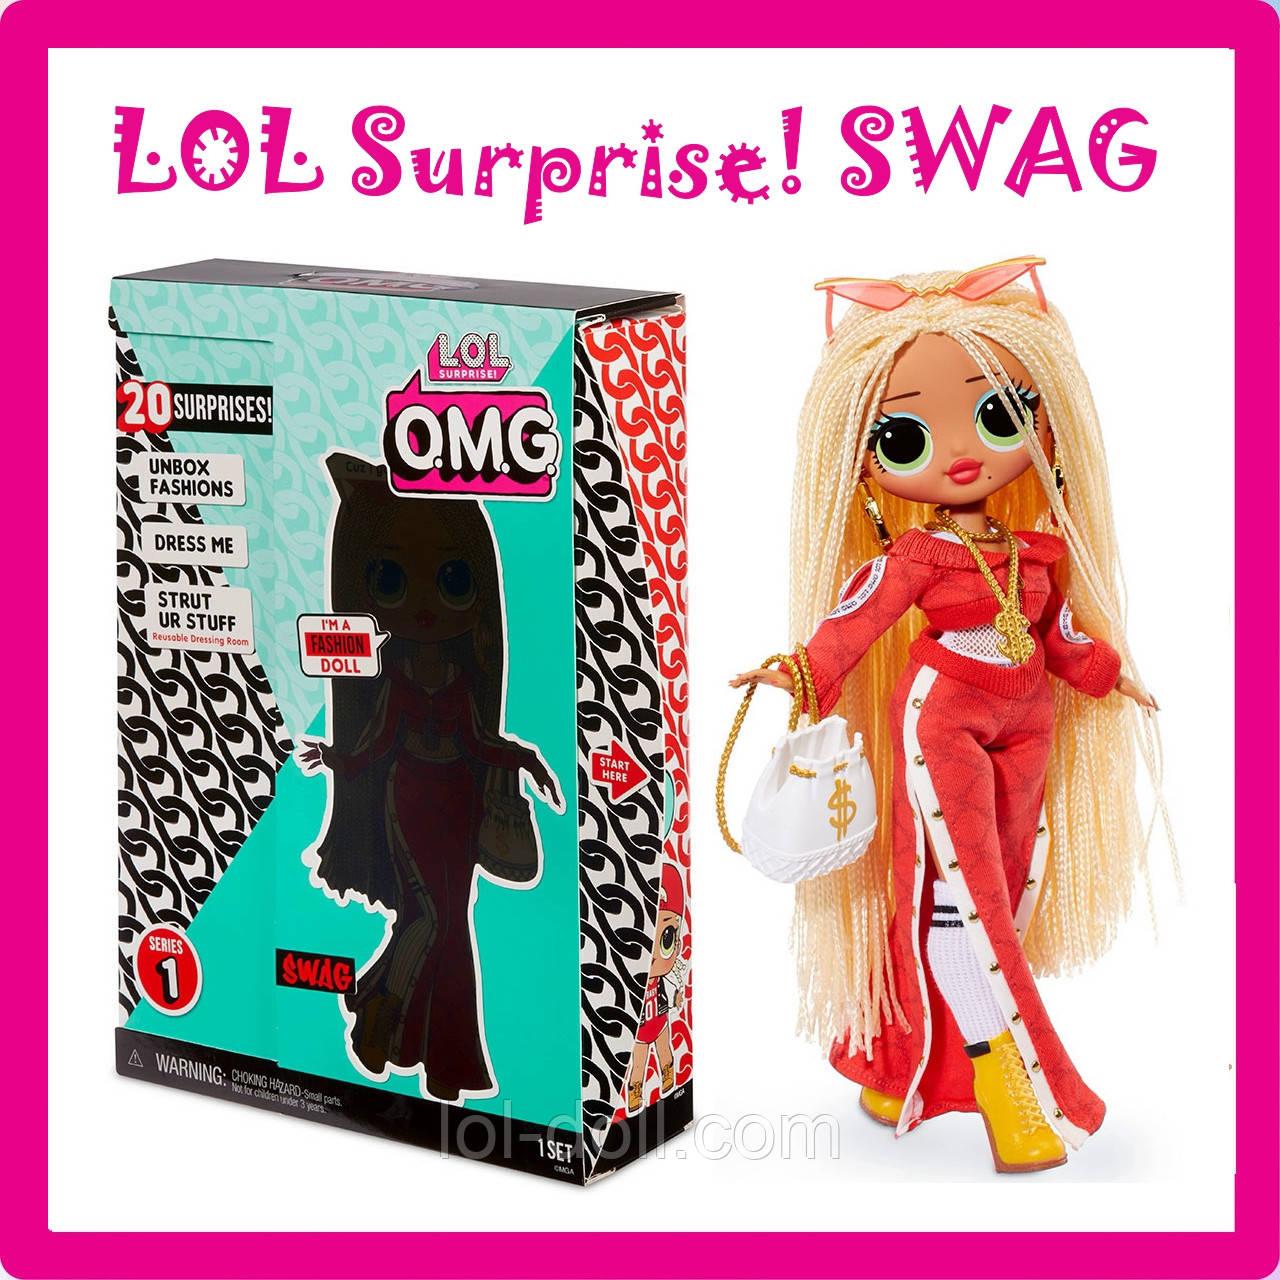 Игровой набор L.O.L. SURPRISE! –O.M.G. Леди DJ ЛОЛ (кукла, аксессуары) SWAG